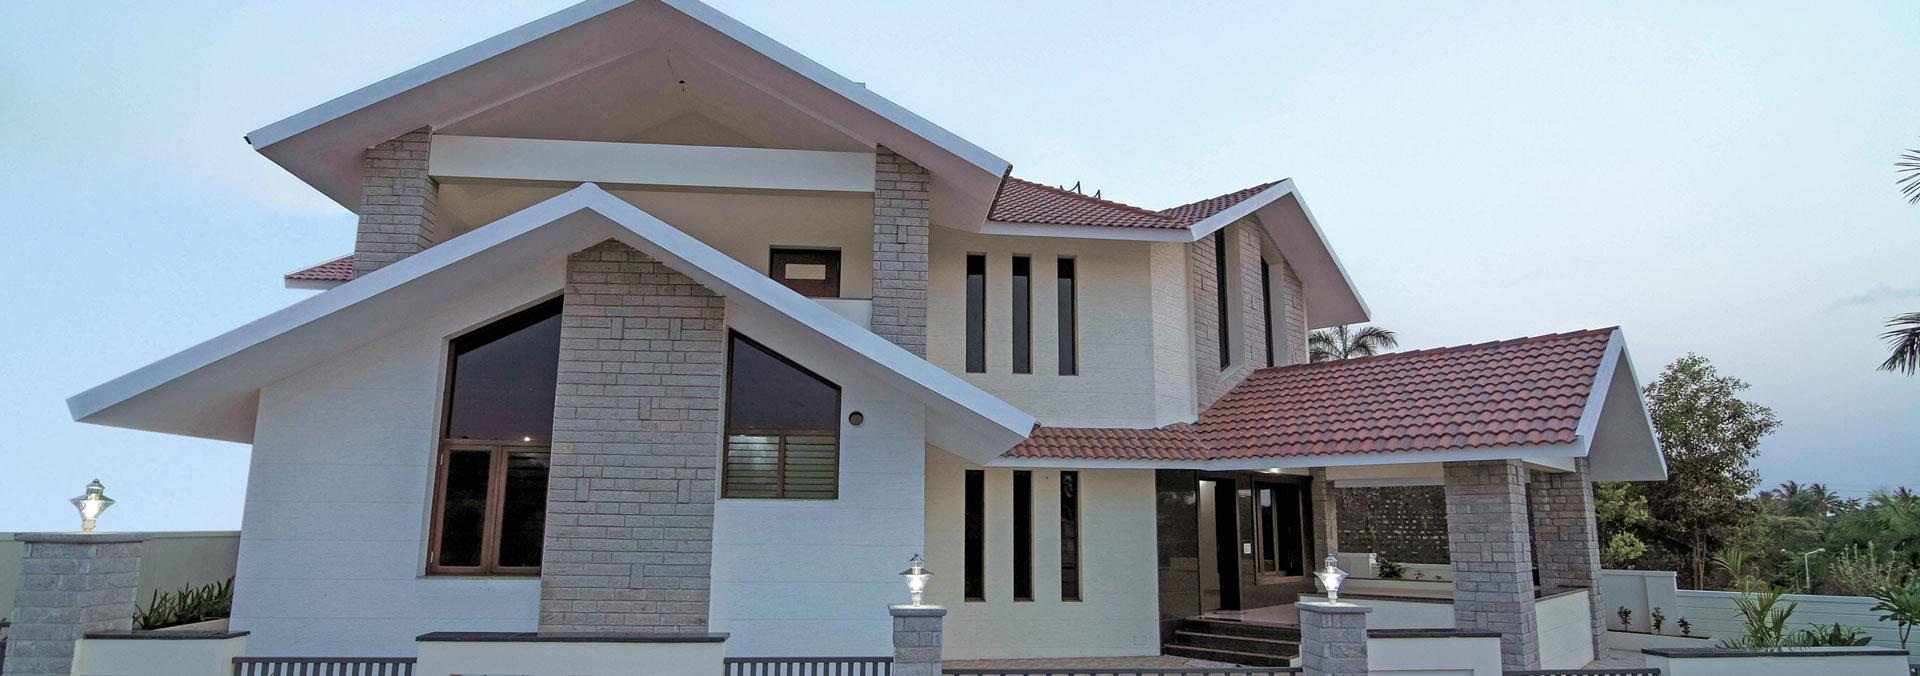 Designer Homes Mangalore